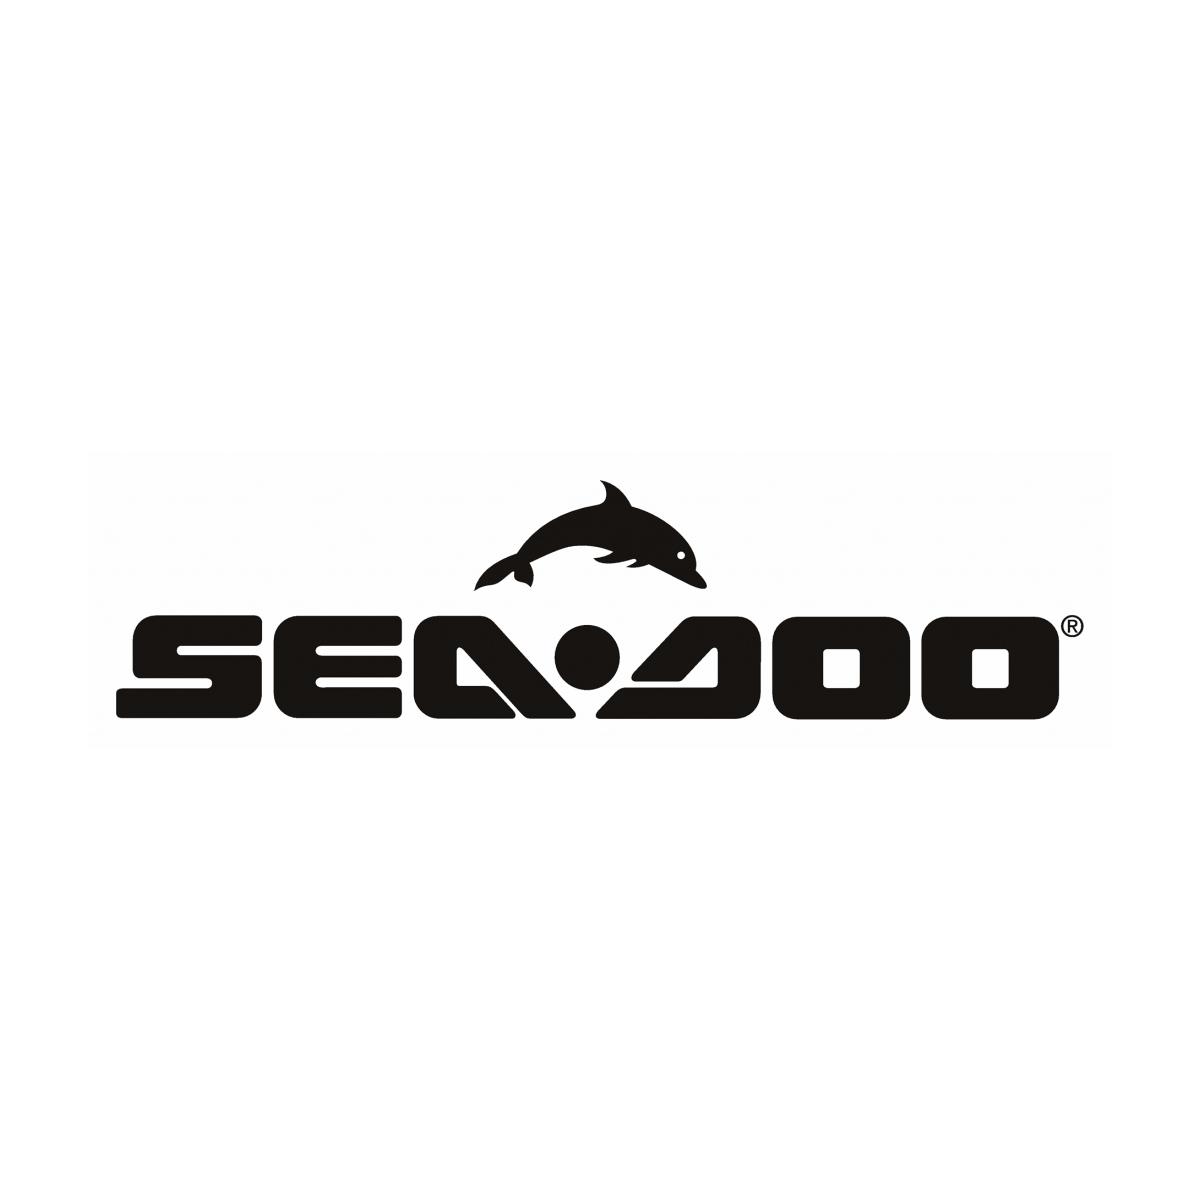 Coletor de Admissão para Jet Ski Sea Doo 650 cc  - Radical Peças - Peças para Jet Ski